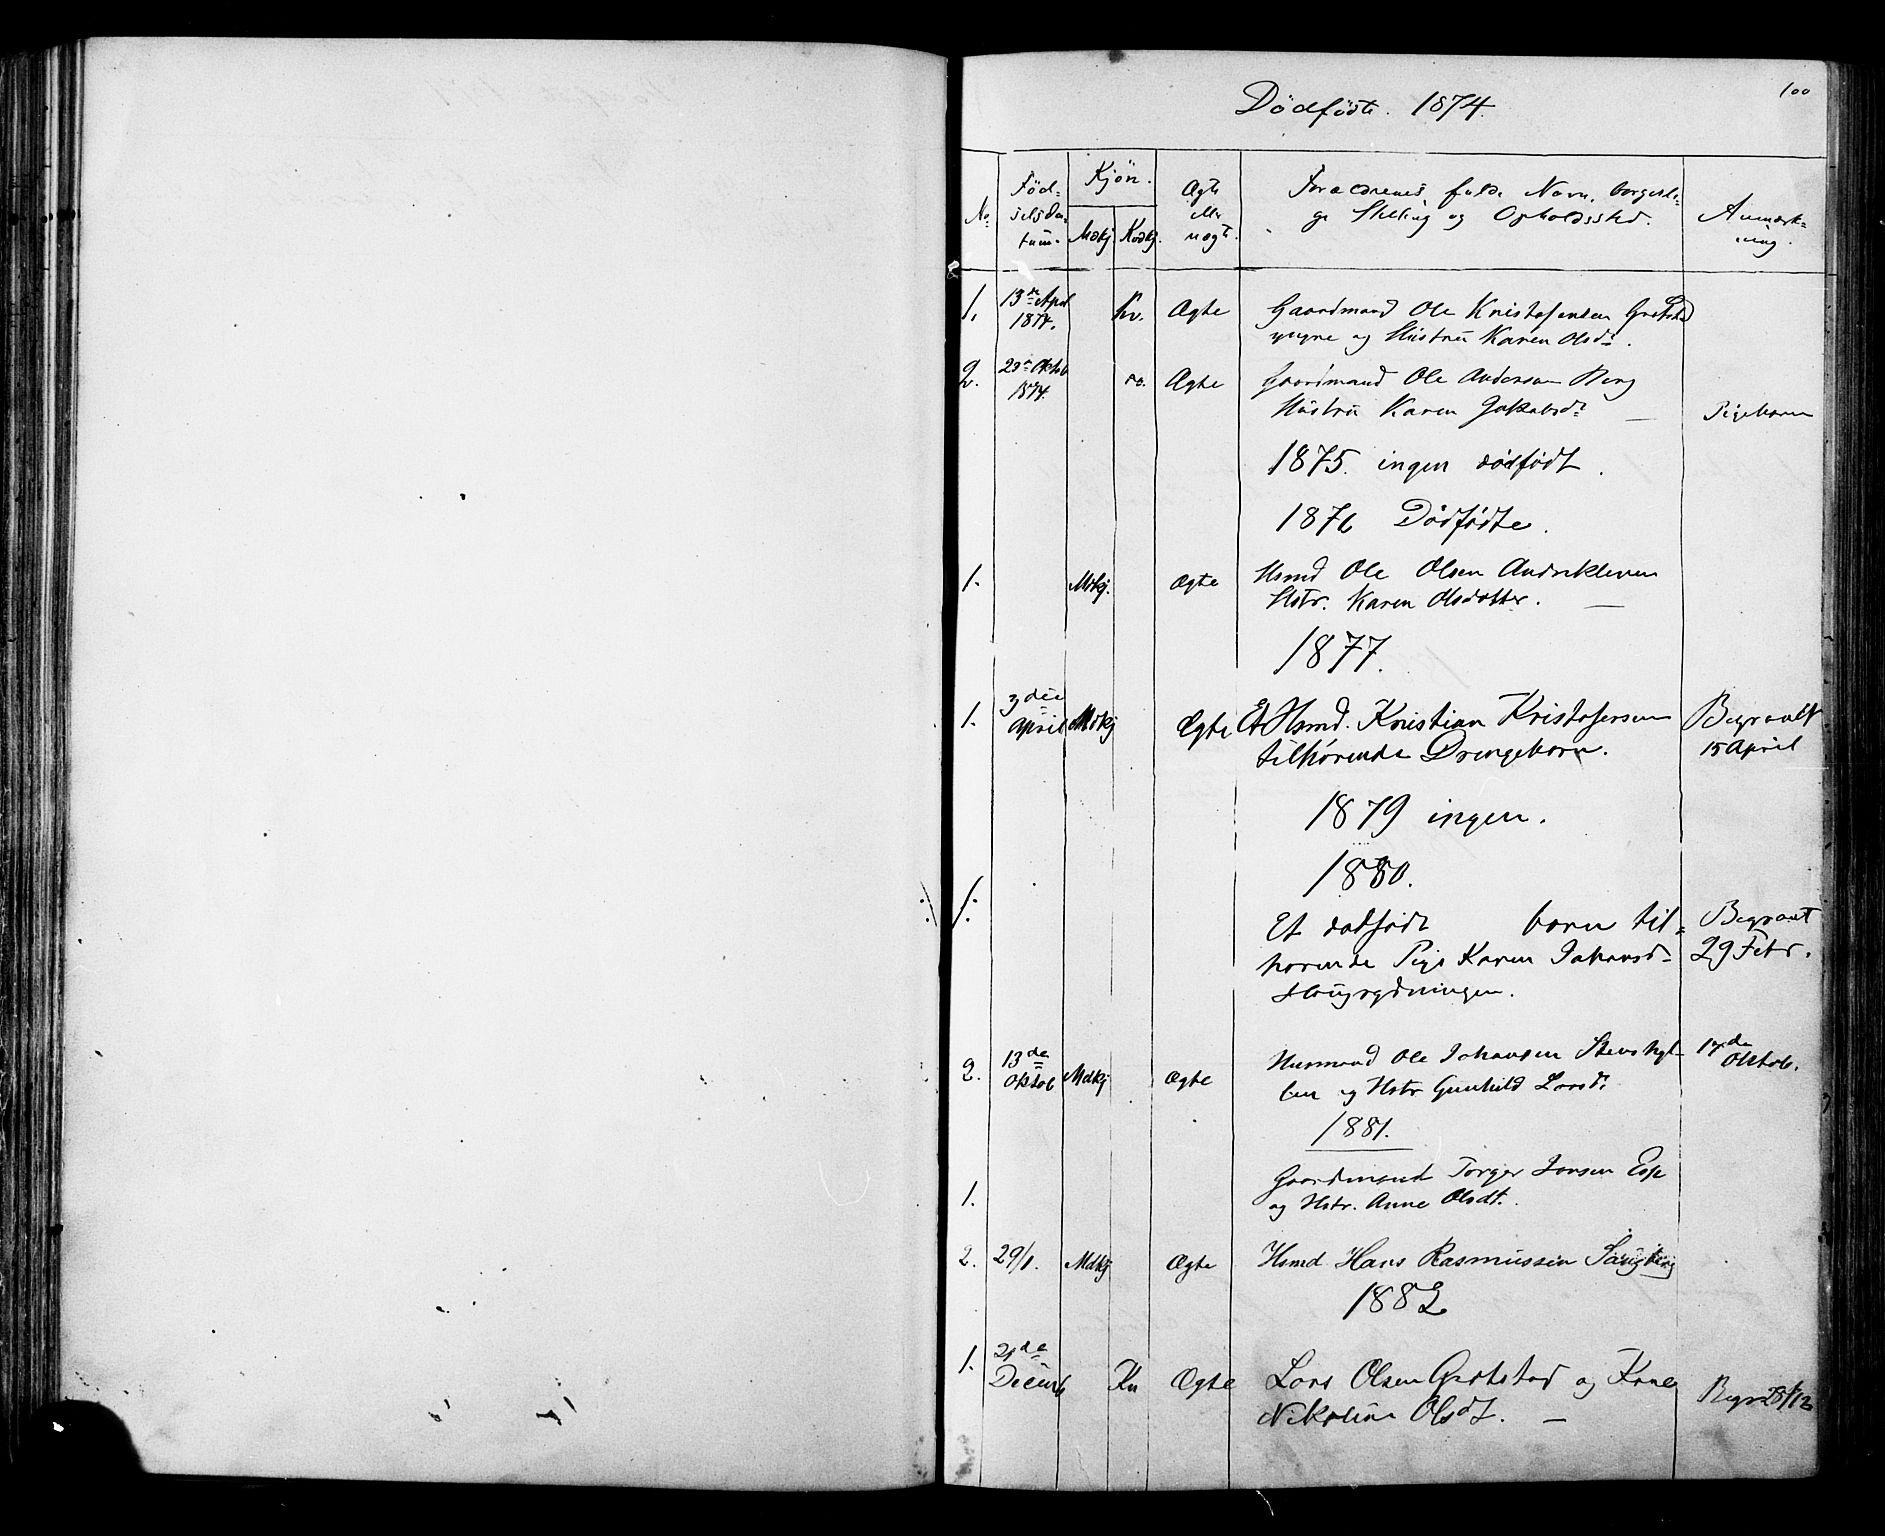 SAT, Ministerialprotokoller, klokkerbøker og fødselsregistre - Sør-Trøndelag, 612/L0387: Klokkerbok nr. 612C03, 1874-1908, s. 100